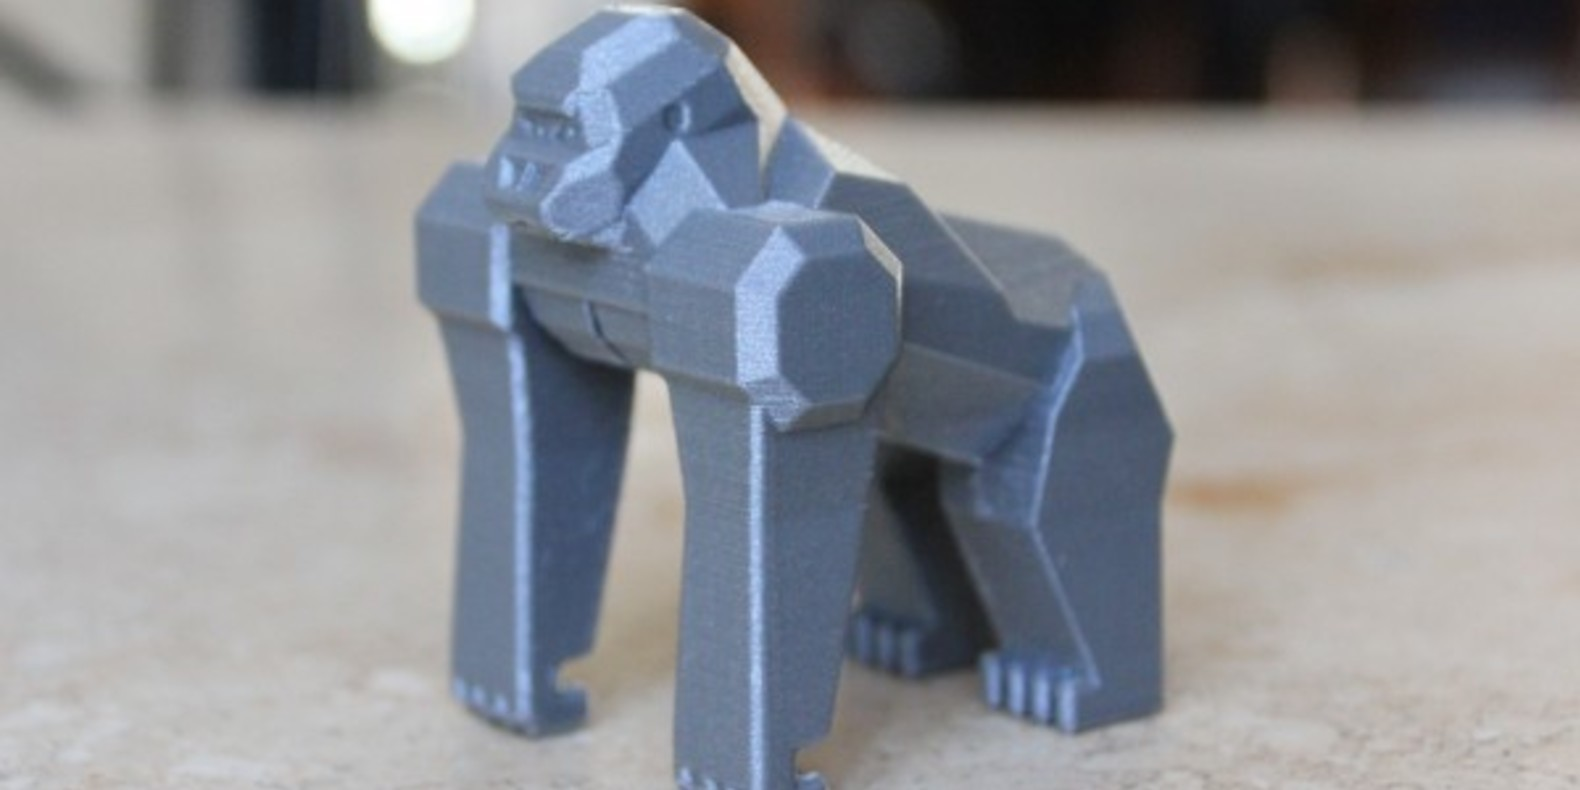 gorille imprimé en 3D 3D printed gorilla fichier 3D objet 3D modèle 3D 3D file 3D model